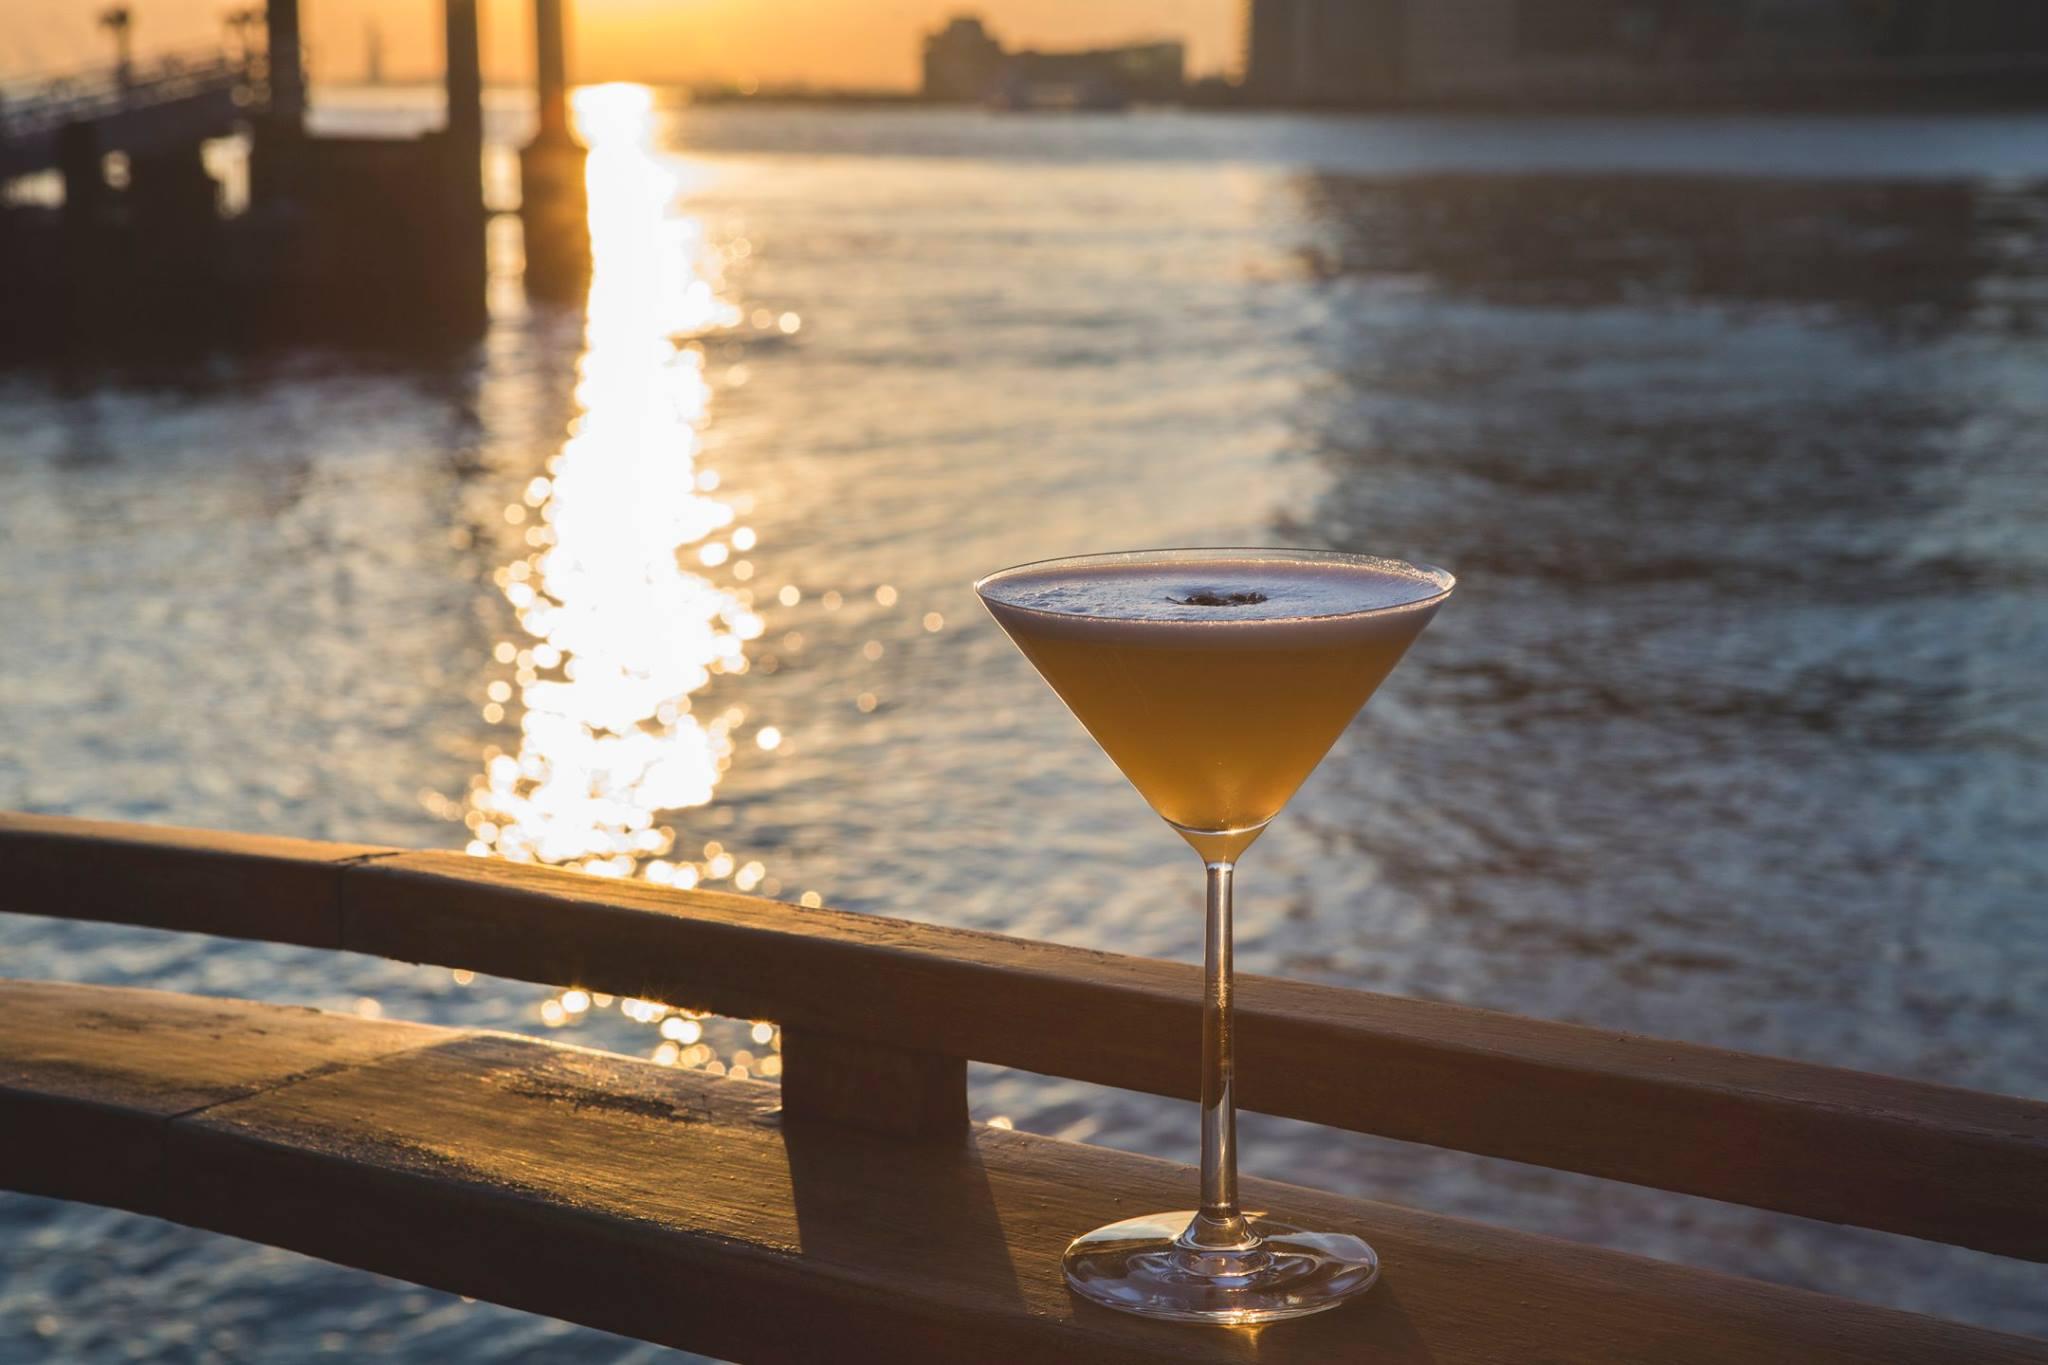 To απόλυτα ρομαντικό εστιατόριο που πήγε ο Νετανιάχου τη σύζυγό του βρίσκεται στο...Μπρούκλιν!